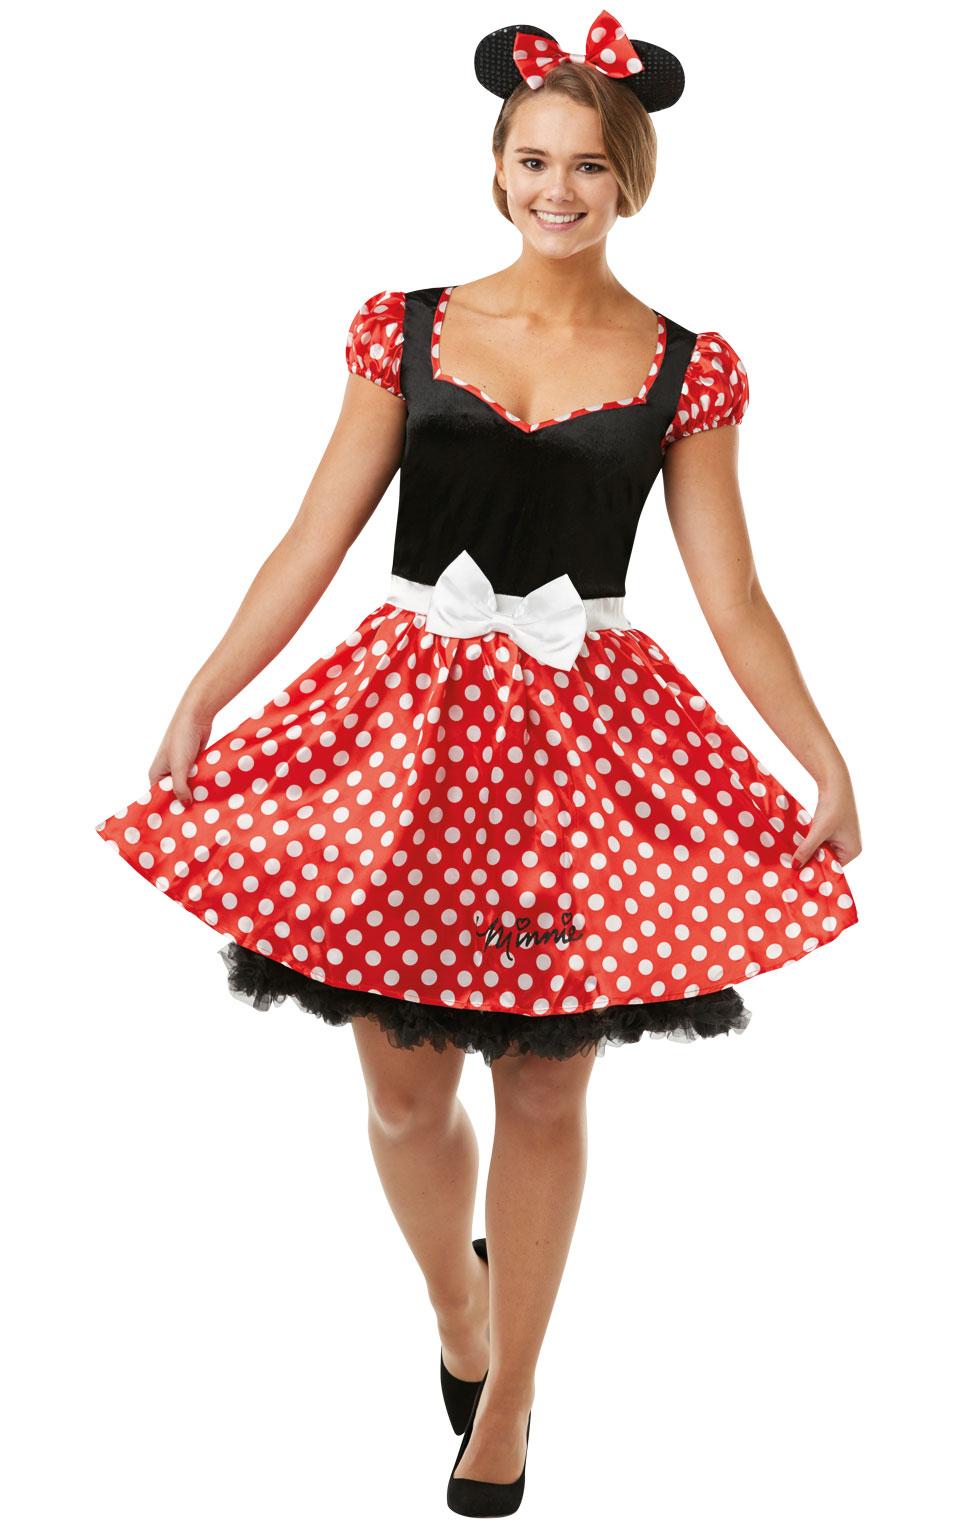 Rubies Kostým Minnie Veľkosť: S (hruď: 79-86 cm, pás: 60-69 cm)